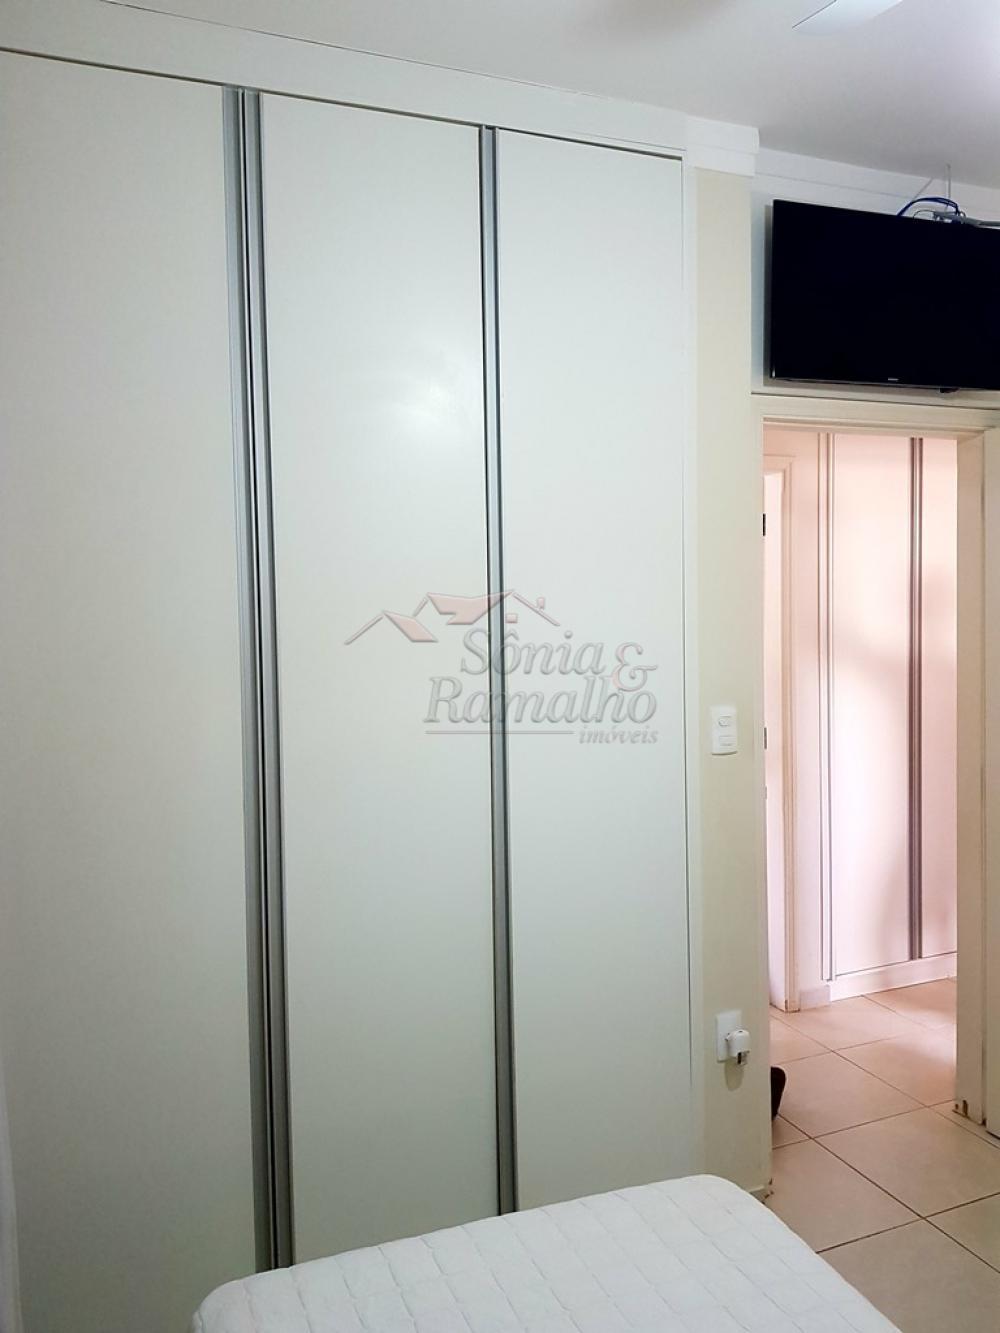 Comprar Apartamentos / Padrão em Ribeirão Preto apenas R$ 265.000,00 - Foto 19